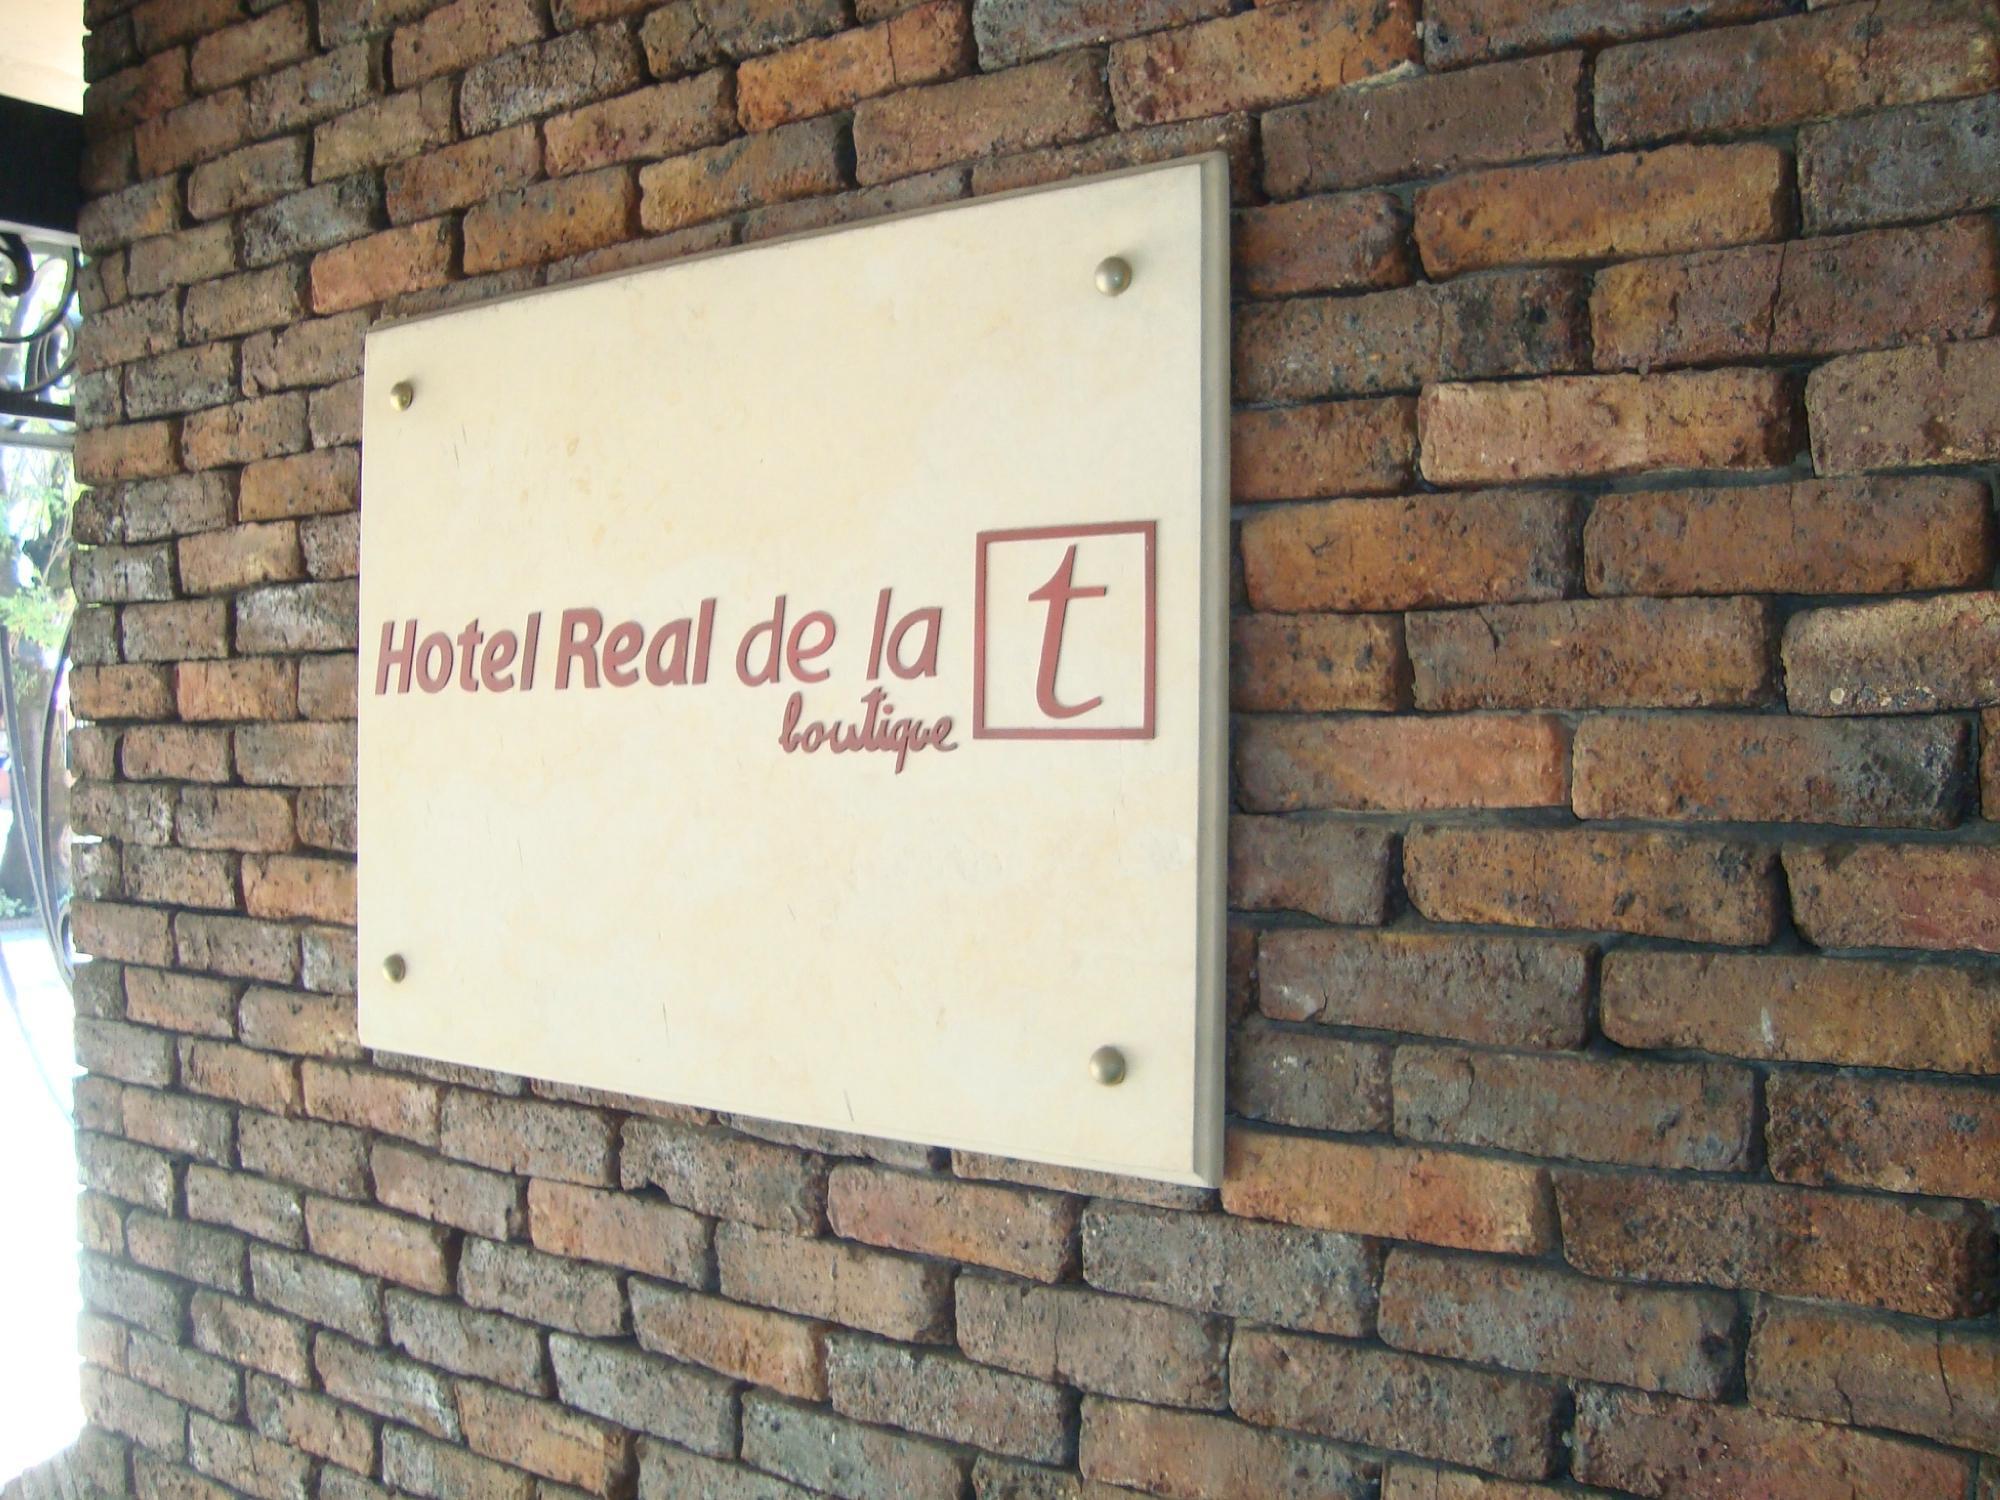 Hotel Real de la T